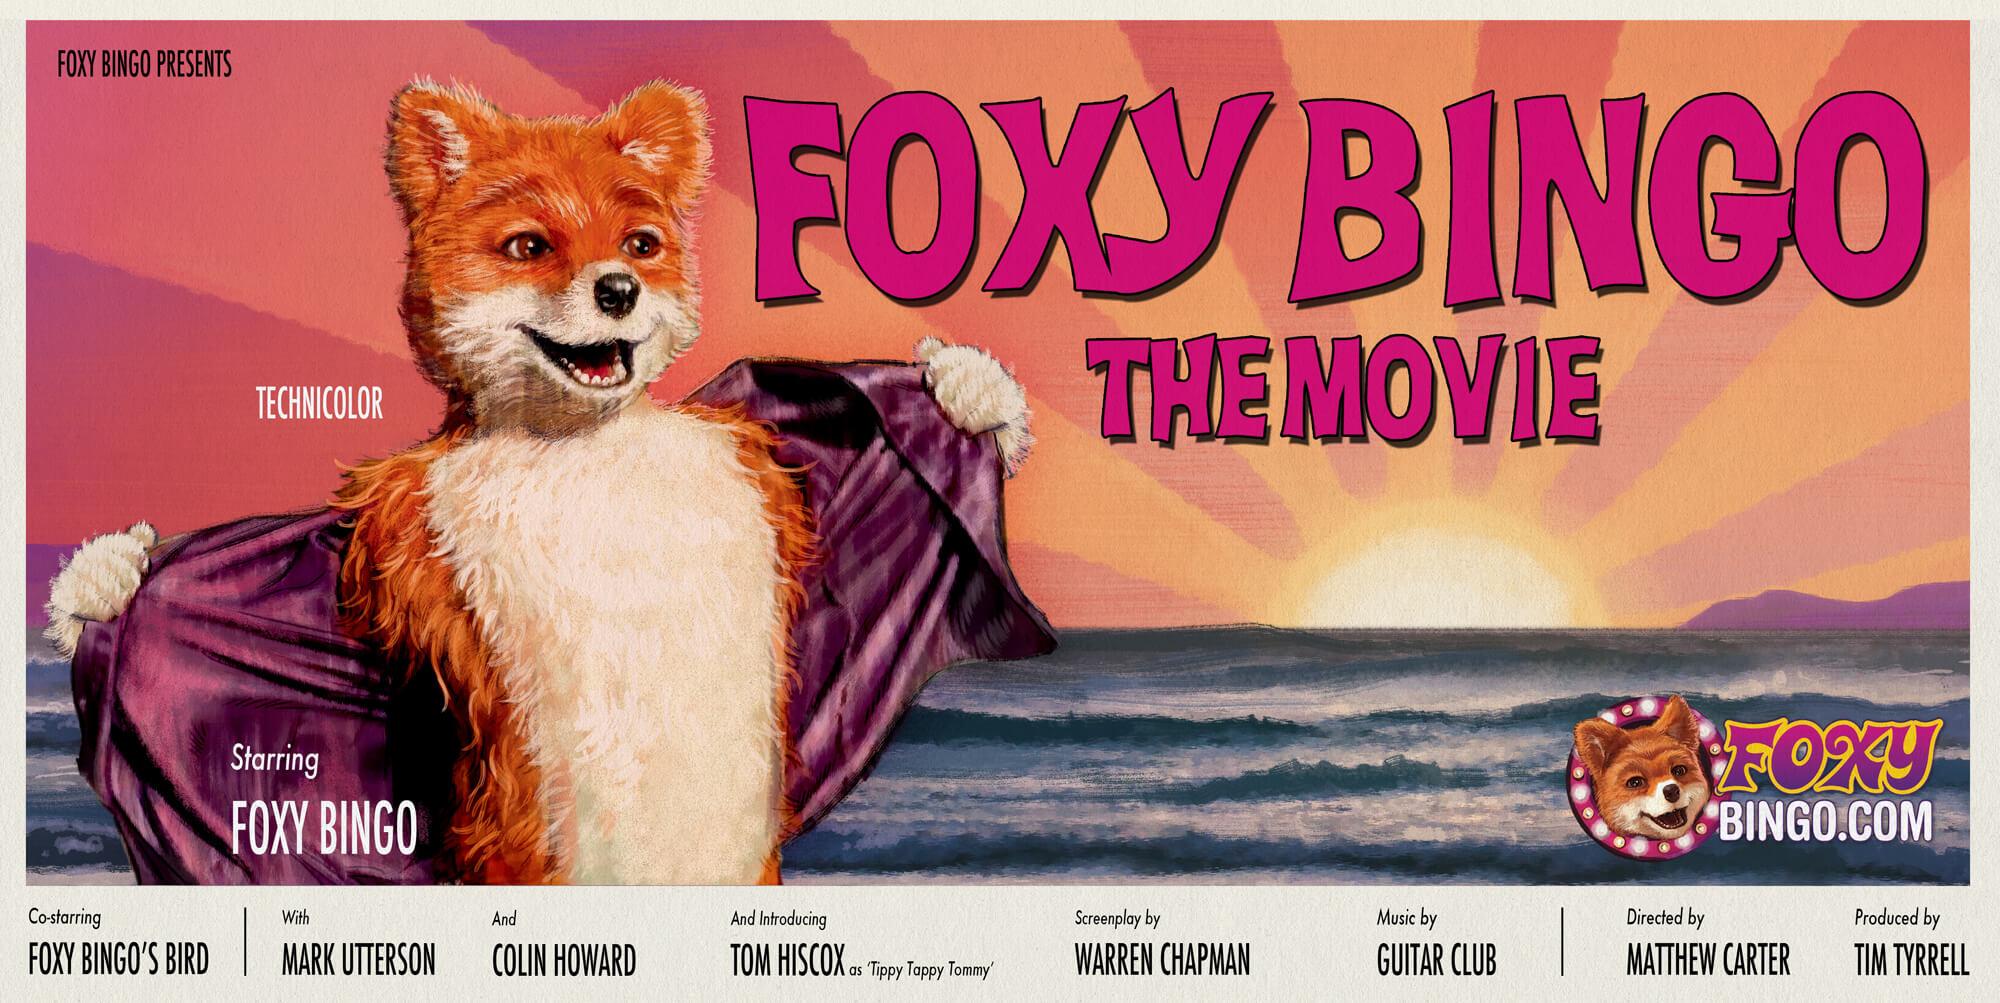 Foxy_Bingo_Illustration_3.jpg